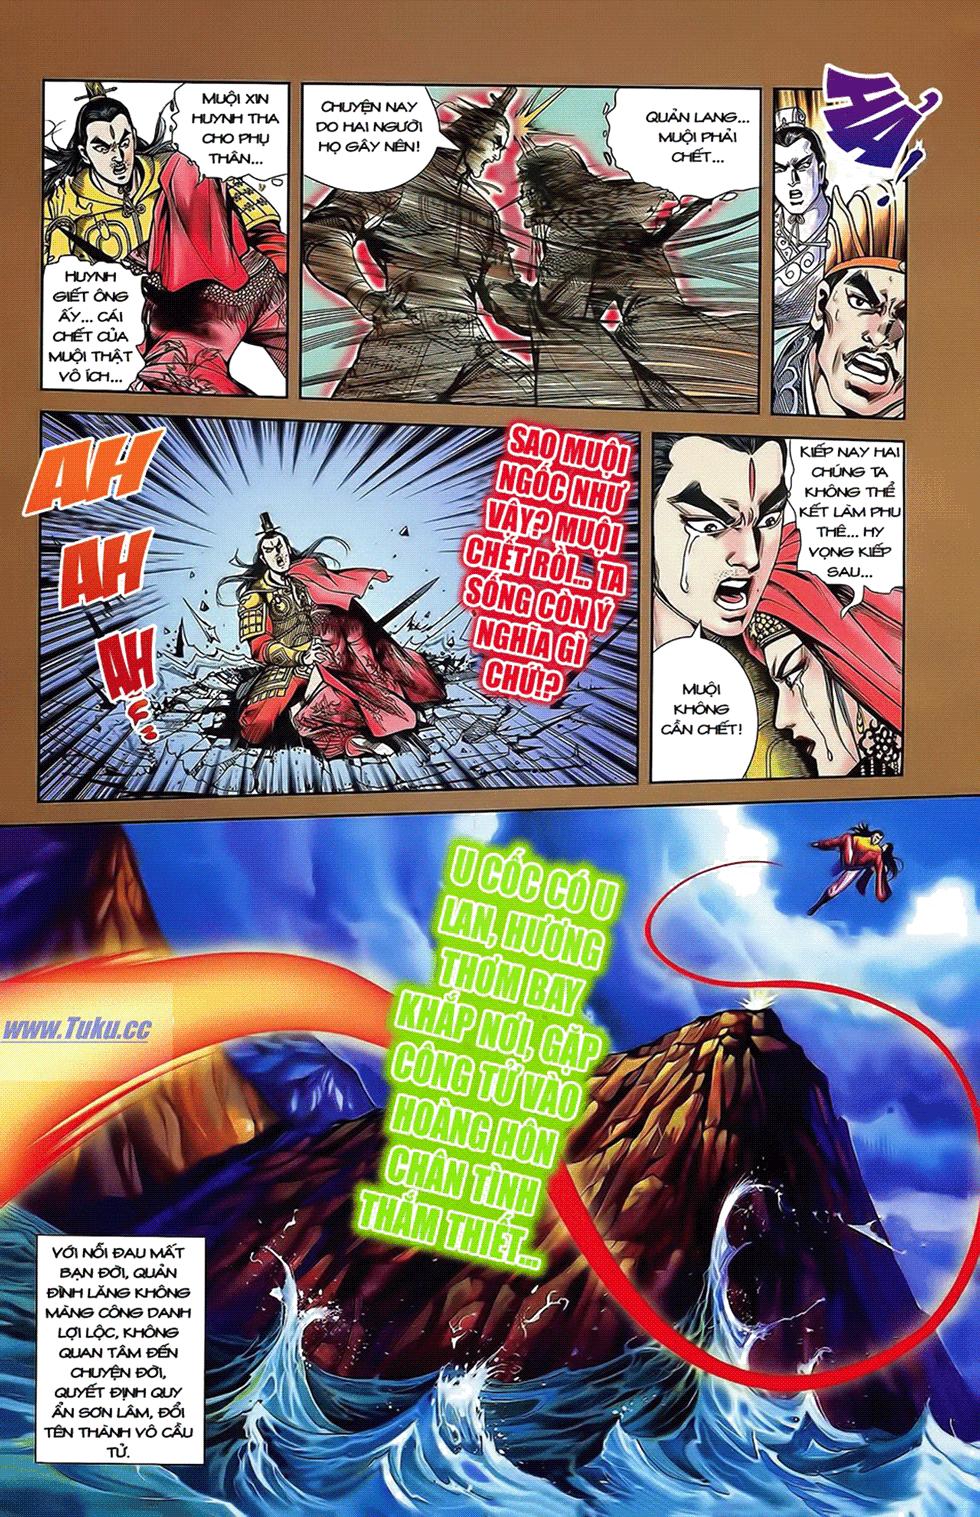 Tần Vương Doanh Chính chapter 14 trang 9